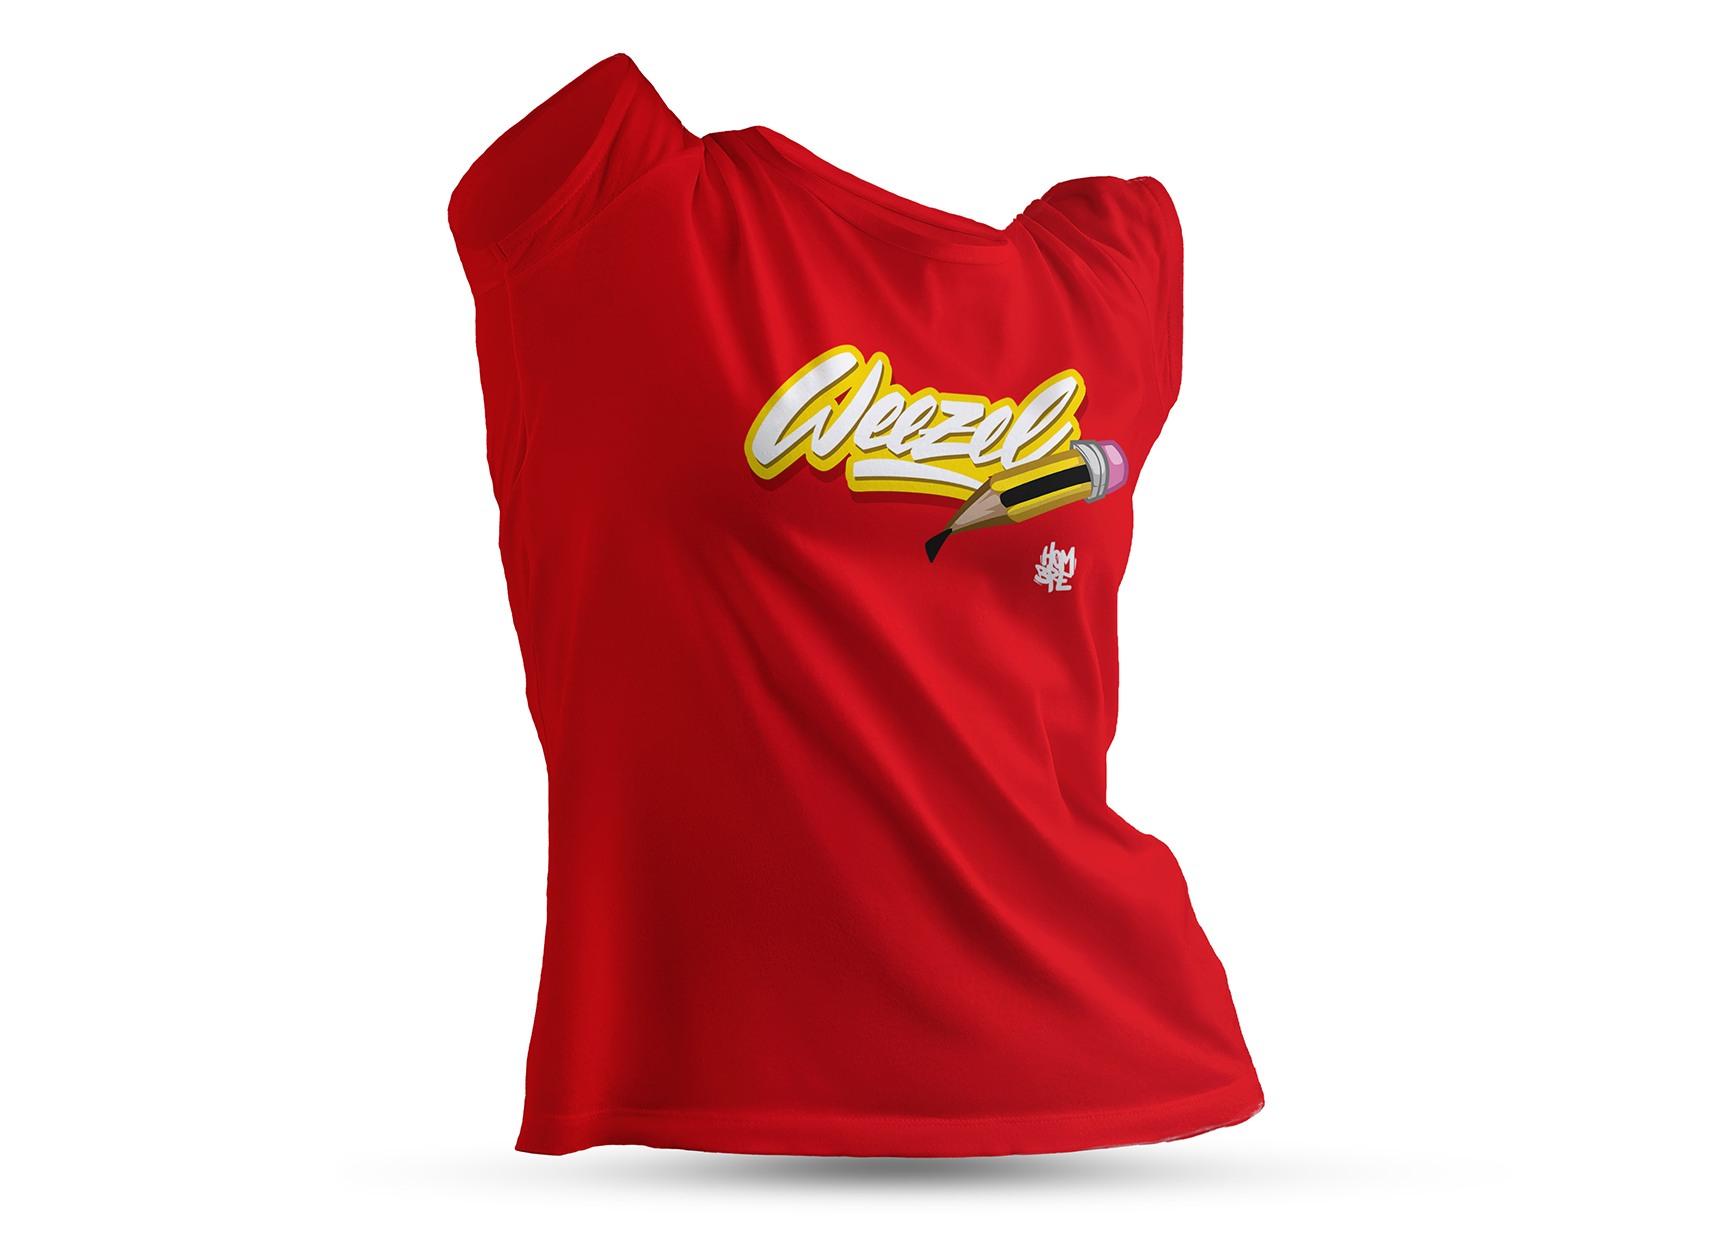 Hombre Damen Logoshirt creative weezel Rot Büste render front